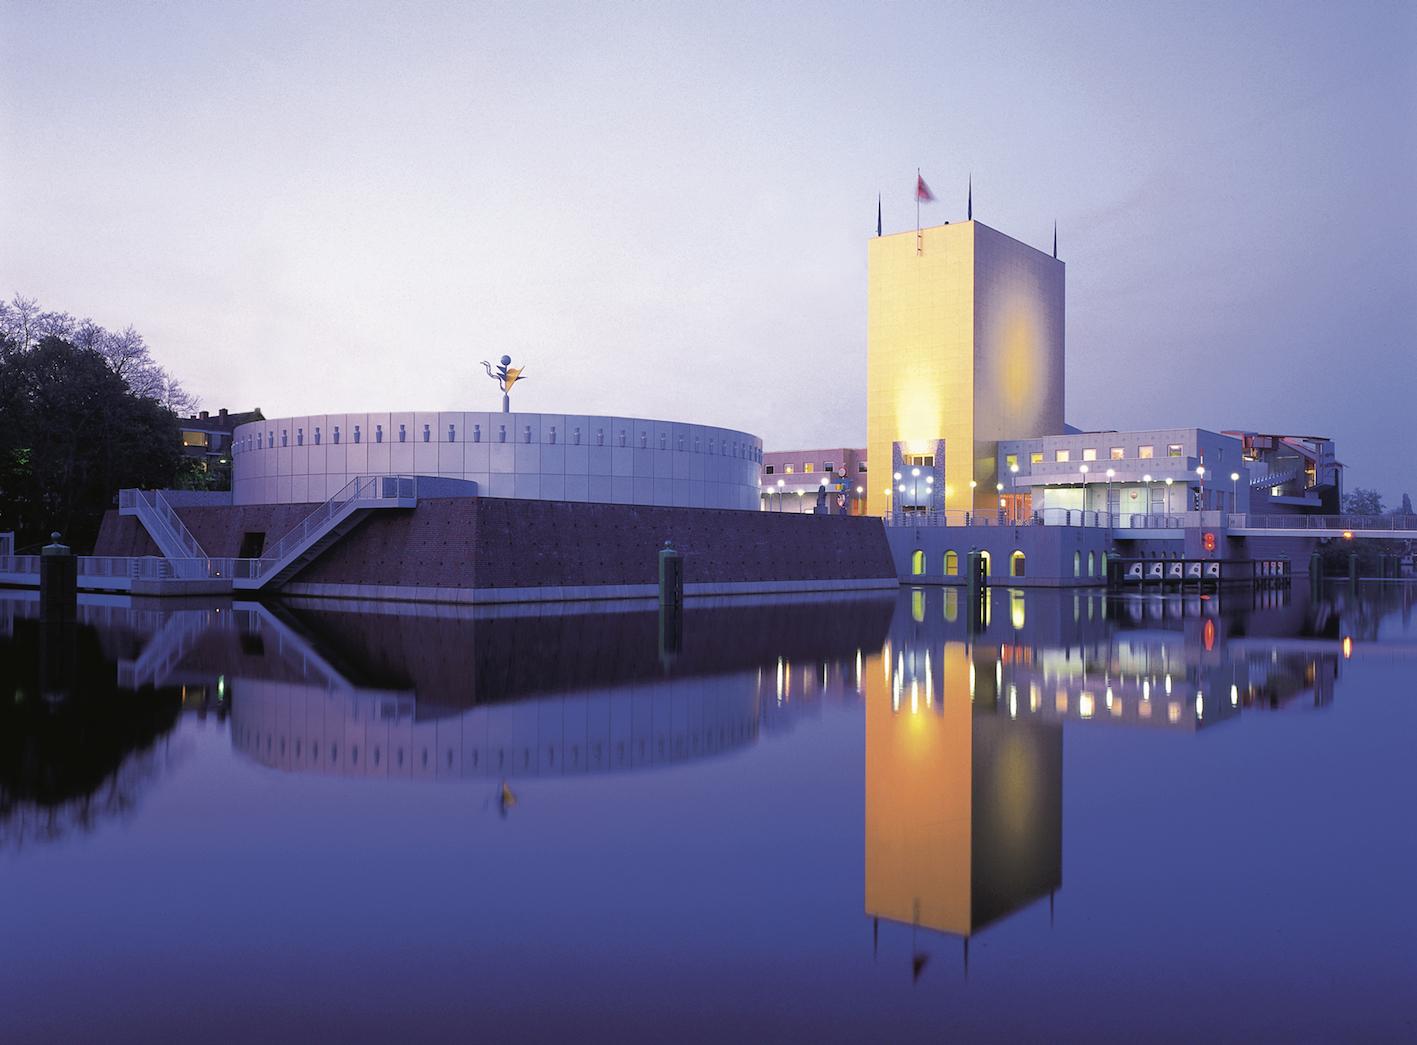 Groninger Museum, design di Alessandro e Francesco Mendini, Groningen, Holland, 1994.